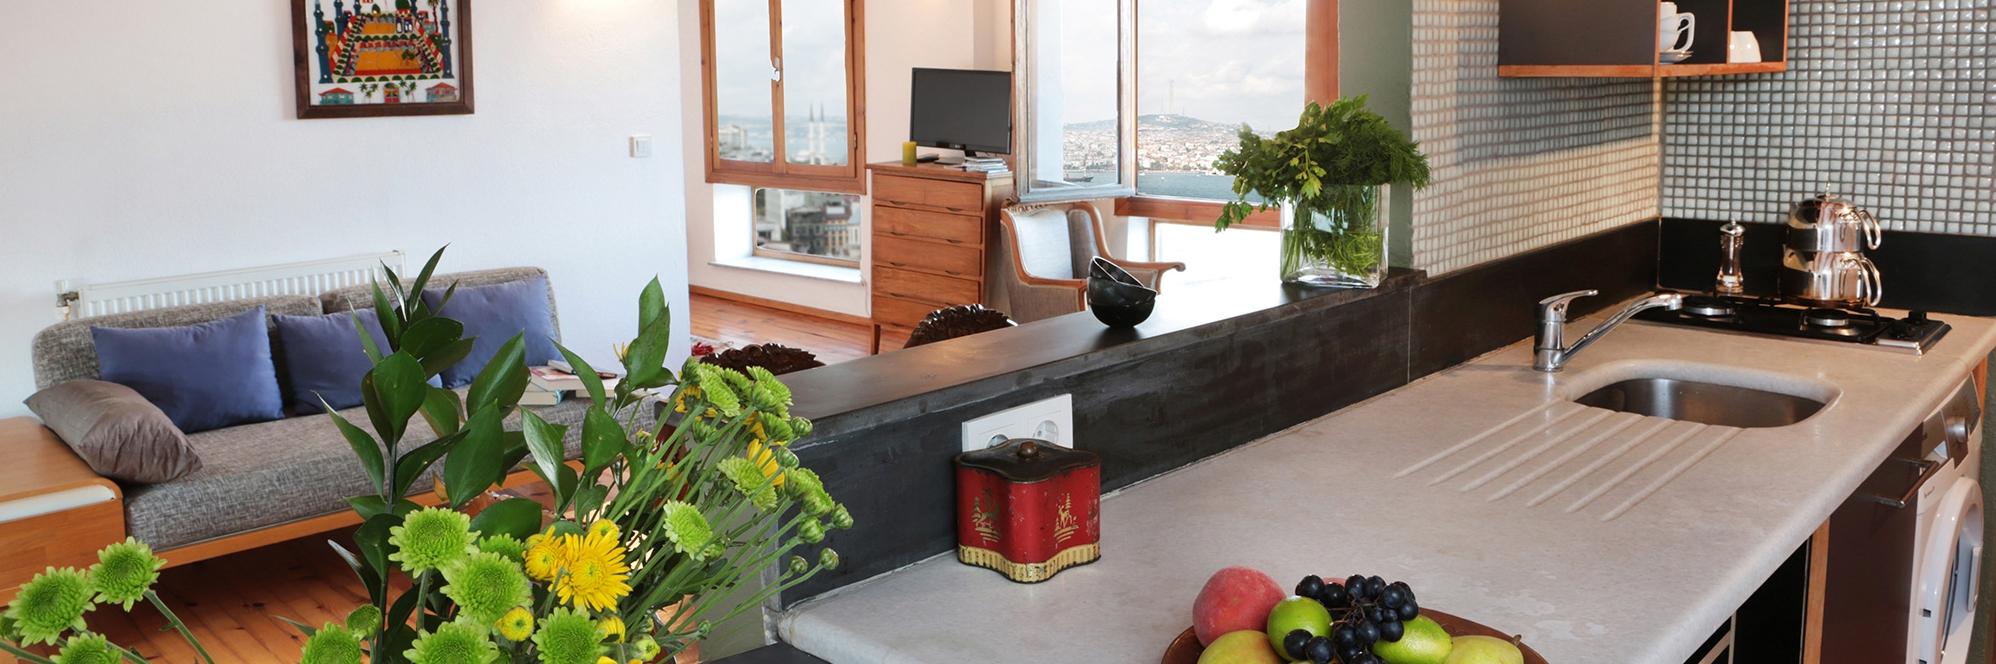 Istanbul - Yildiz Apartment 1